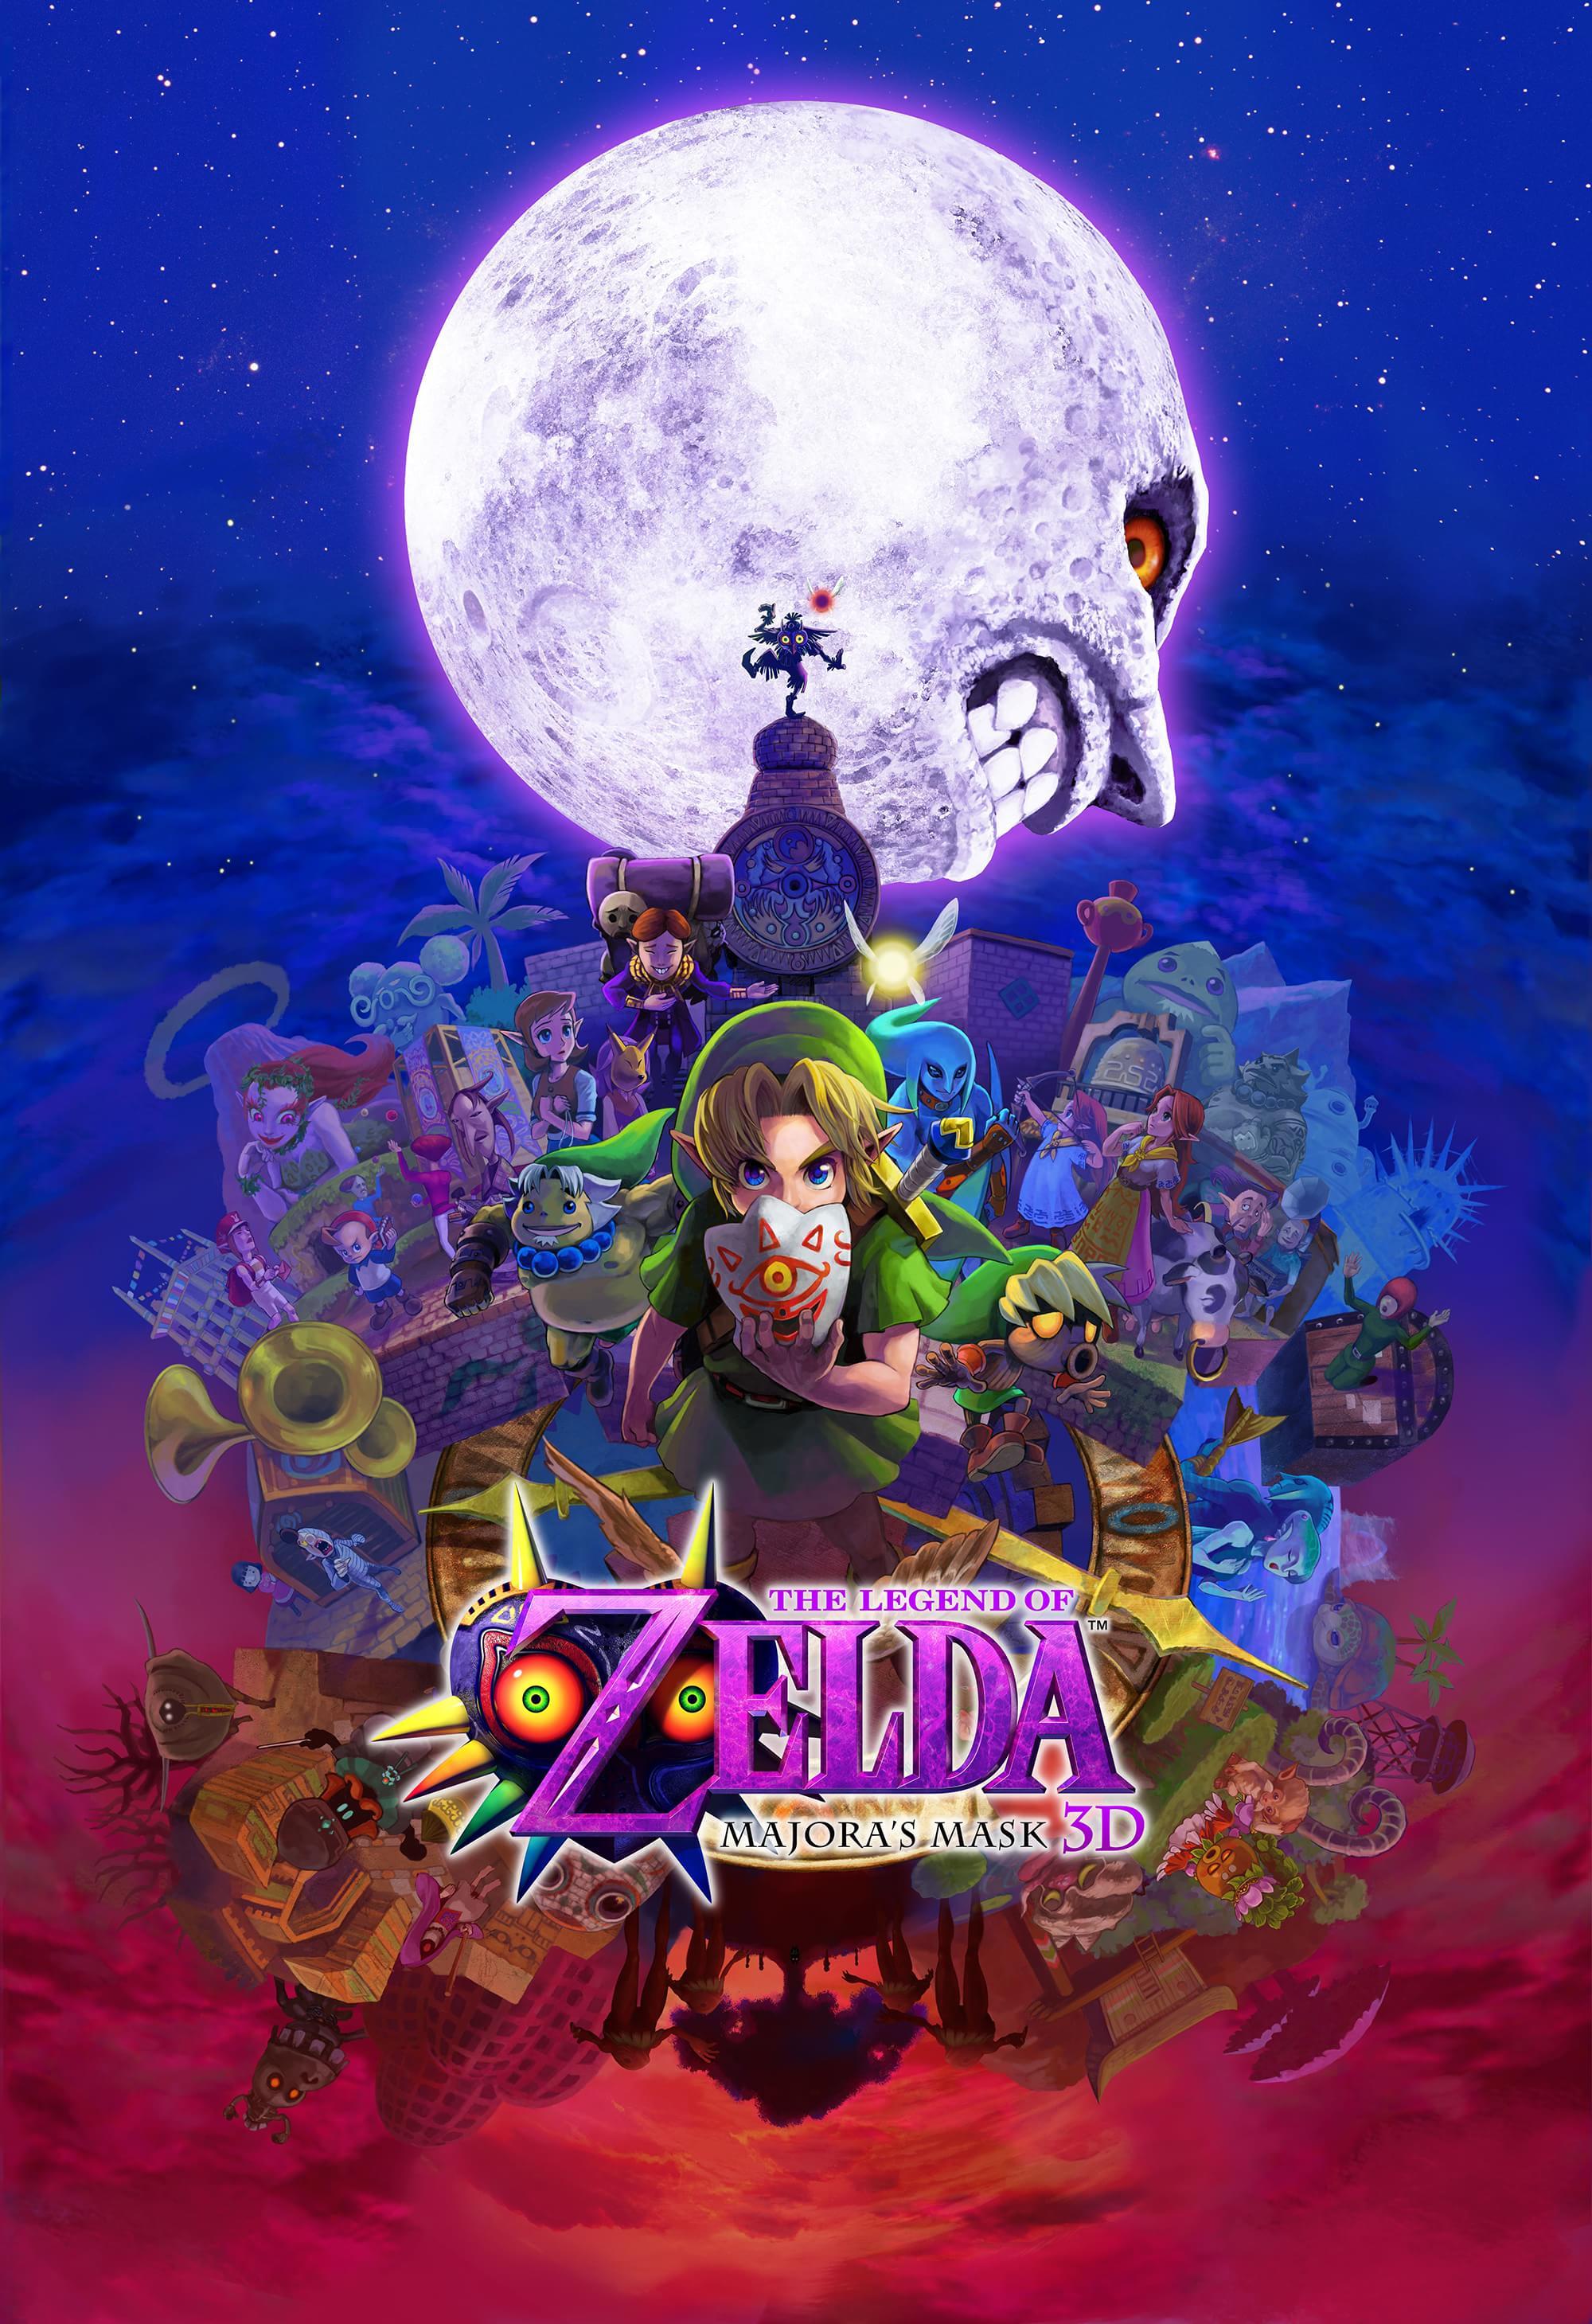 Confira as novas imagens de The Legend of Zelda: Majora's Mask 3D (3DS)